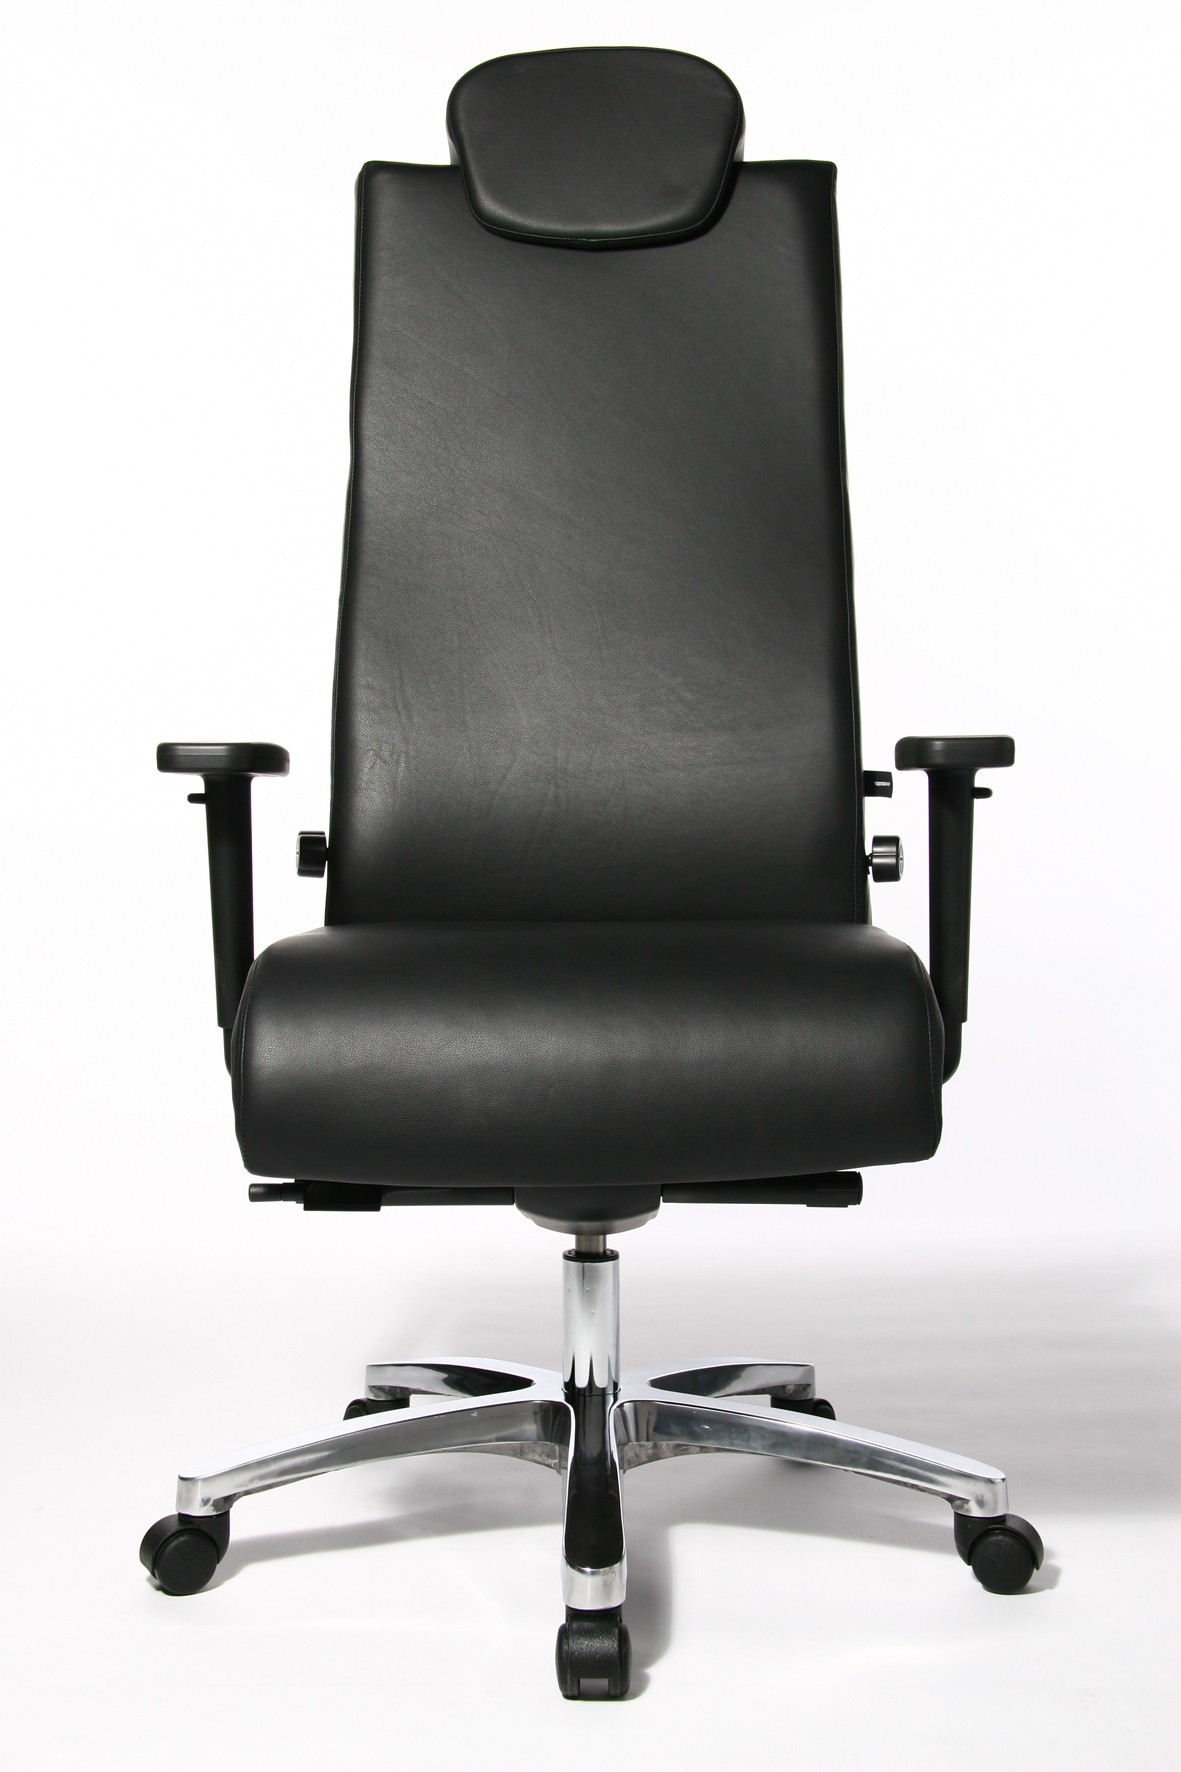 Fauteuil De Bureau Ergonomique Big Chair Cuir Achat Fauteuil